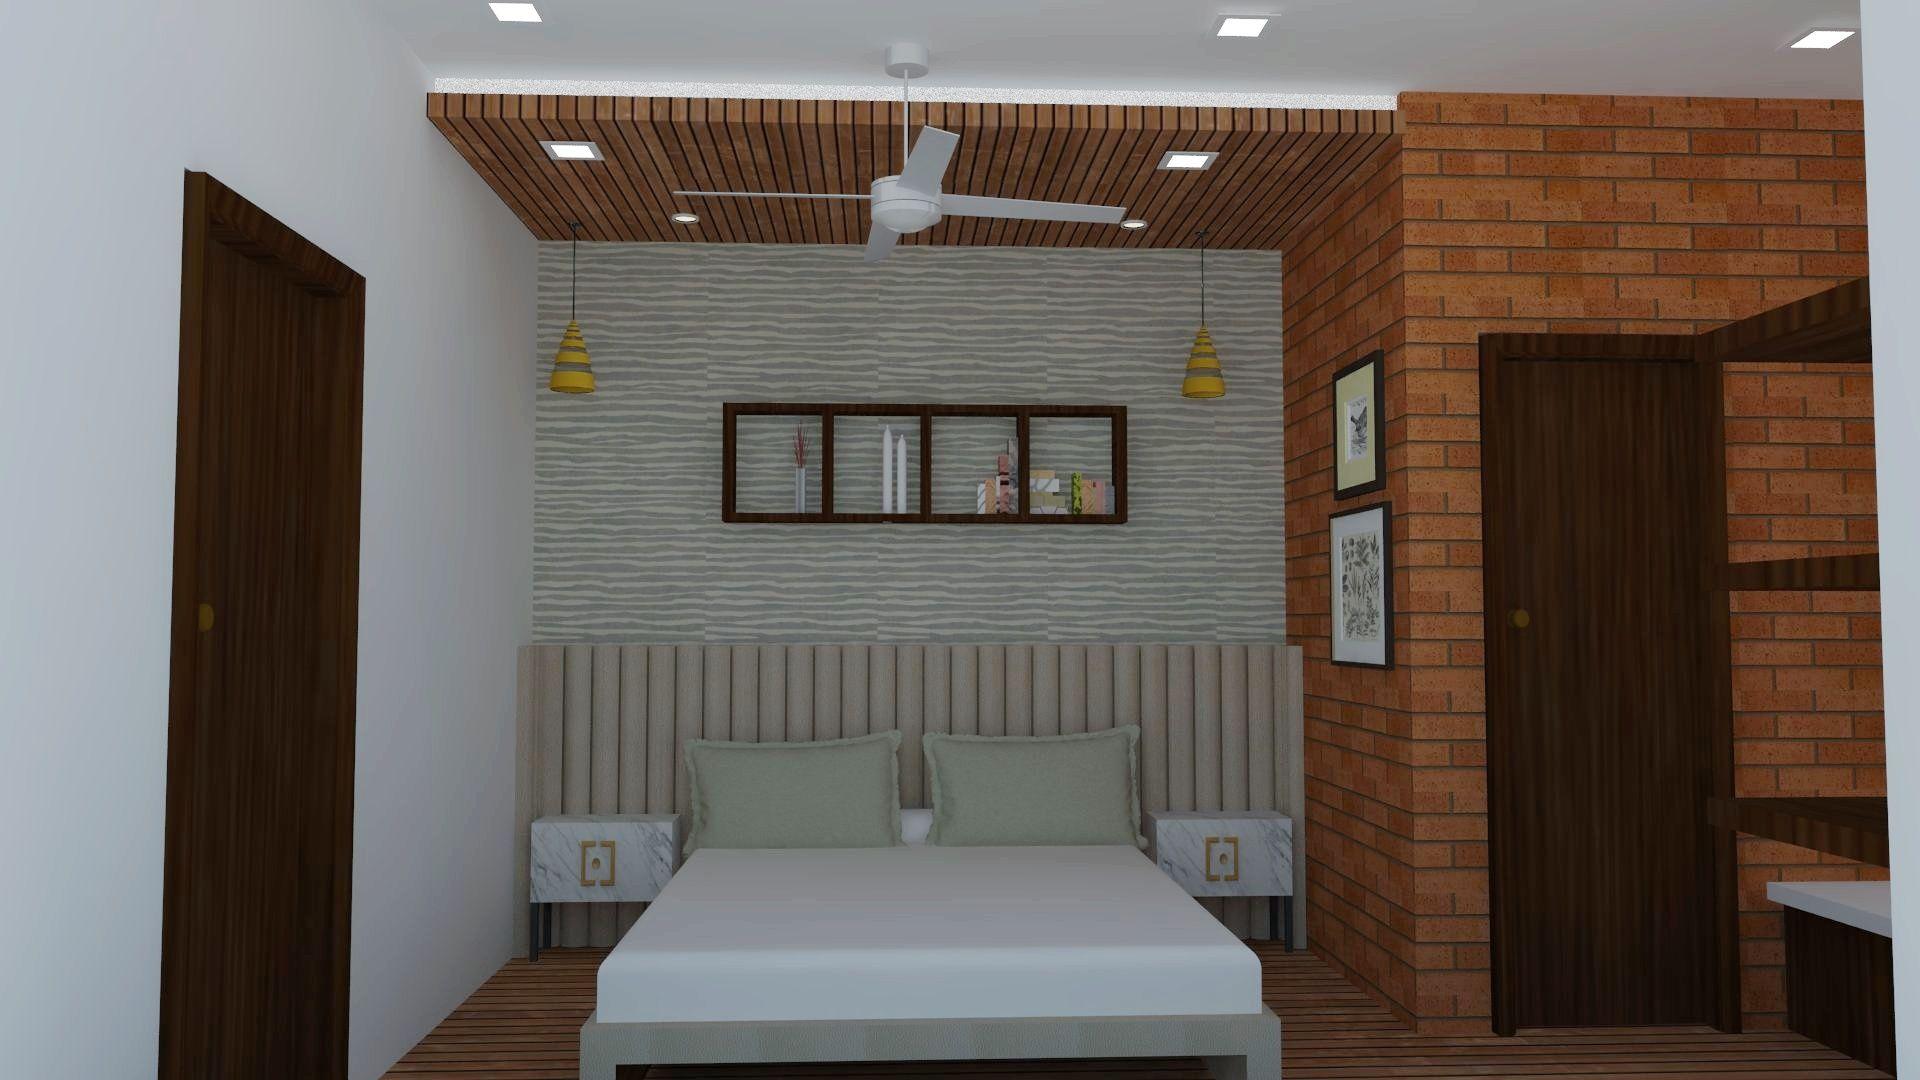 Badroom-hatkesh-3500-3500